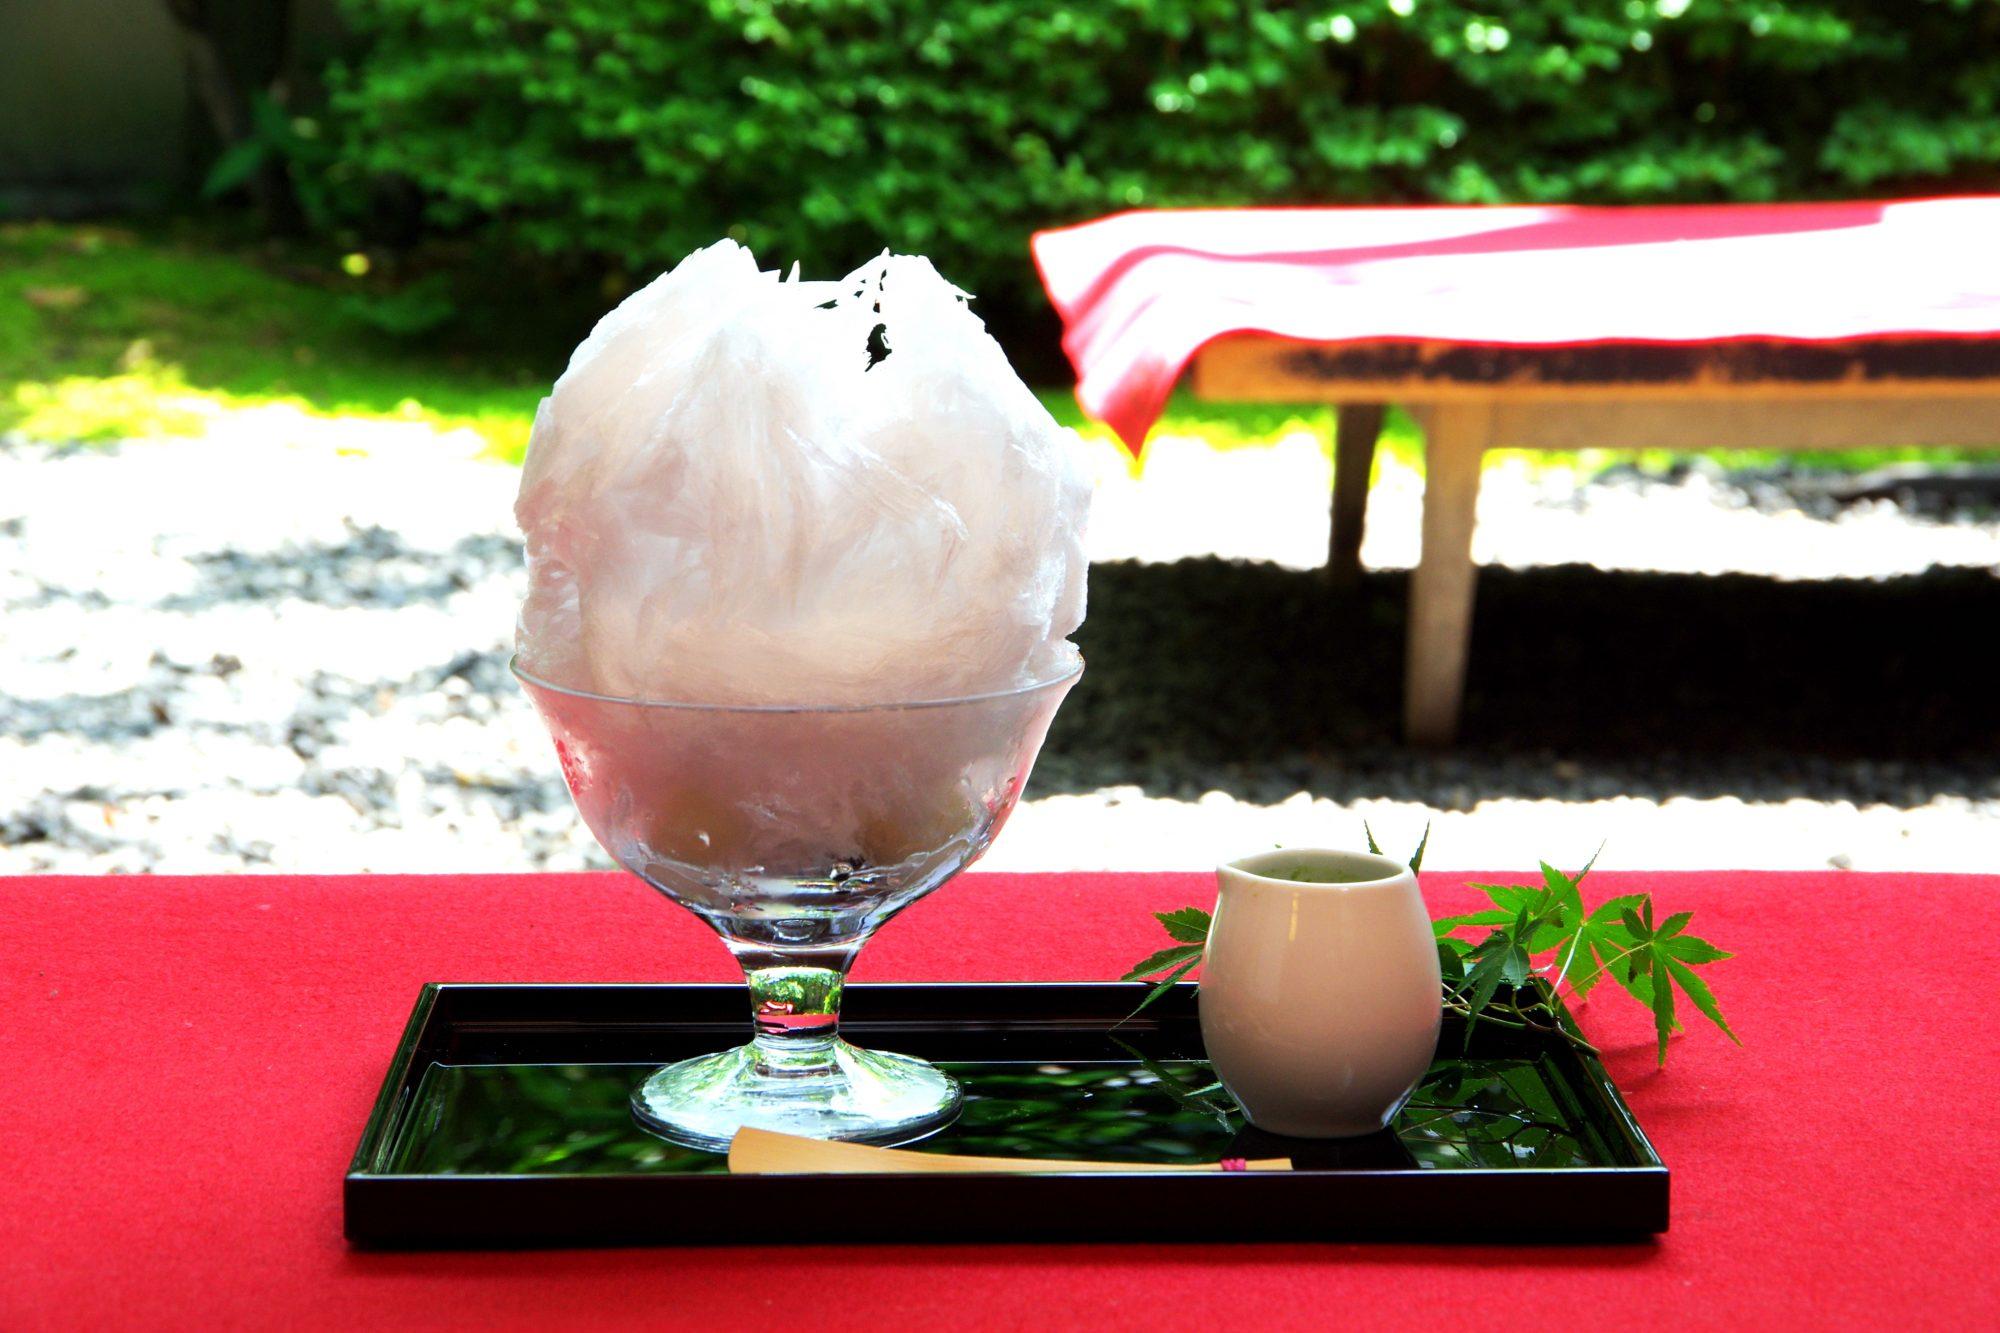 「キングオブ抹茶氷!」と、かき氷評論家も絶賛した人気和菓子店のかき氷。